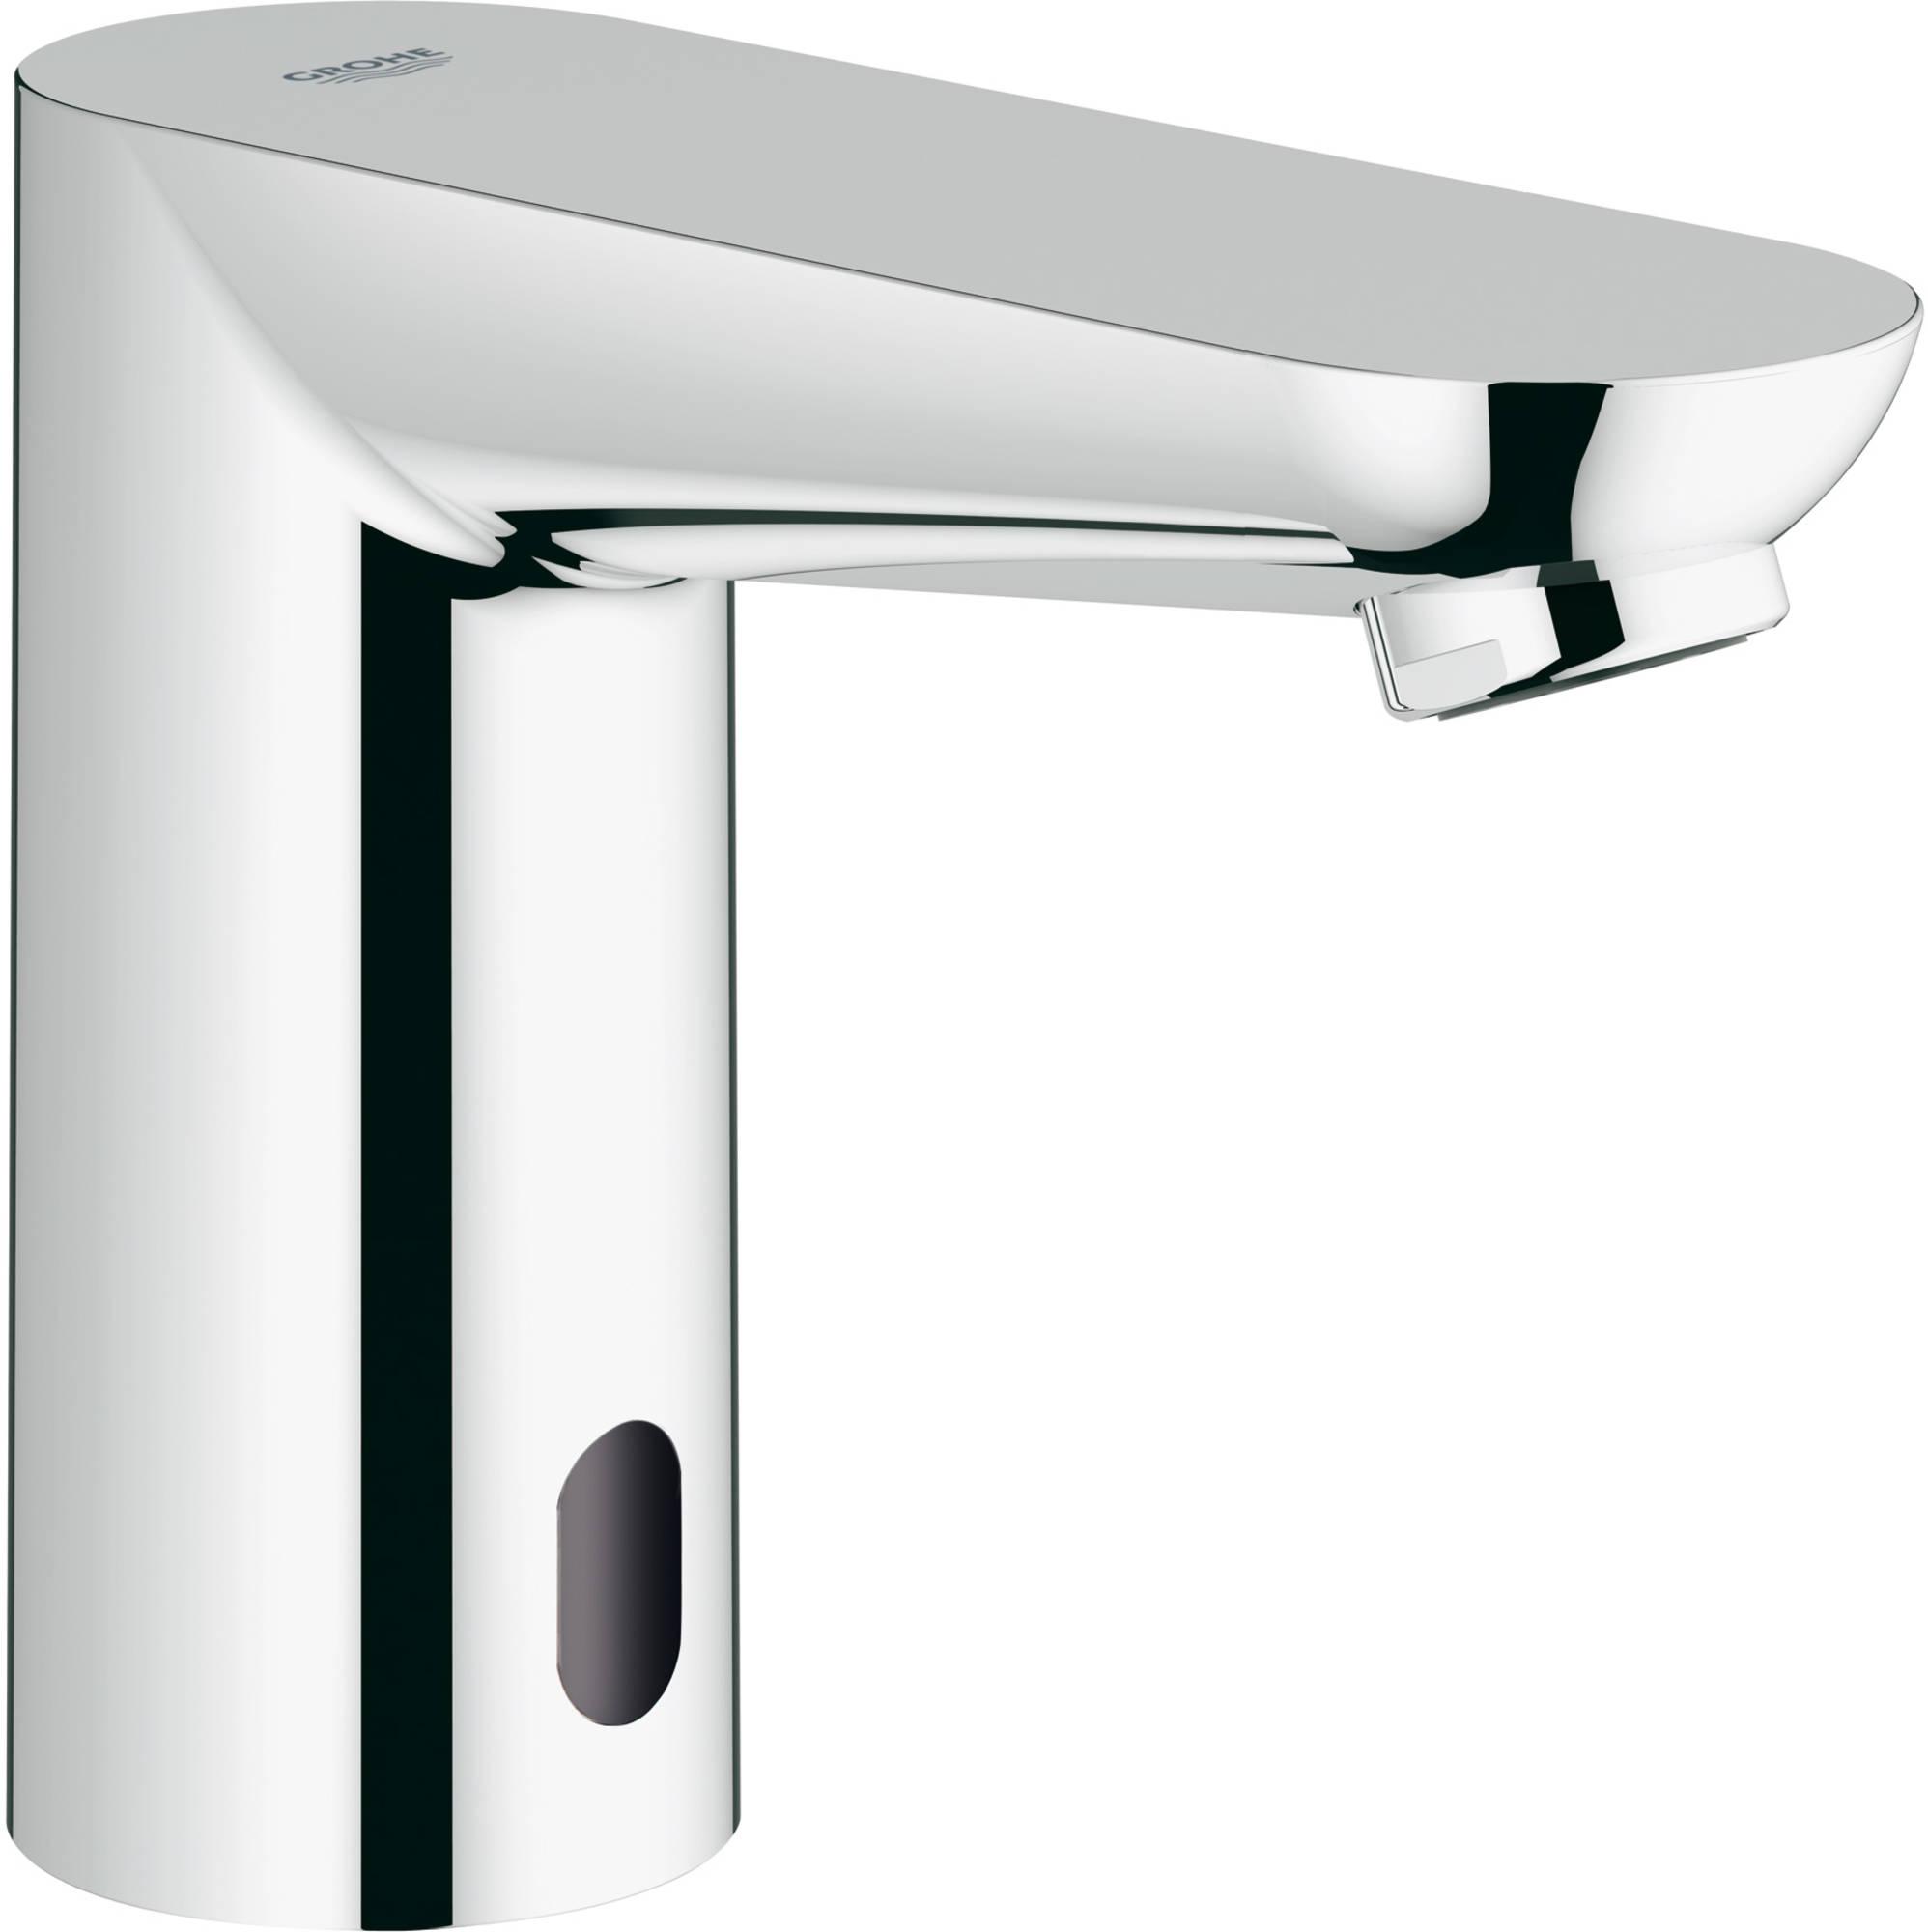 Grohe Euroeco wastafelkraan infrarood chroom 36269000